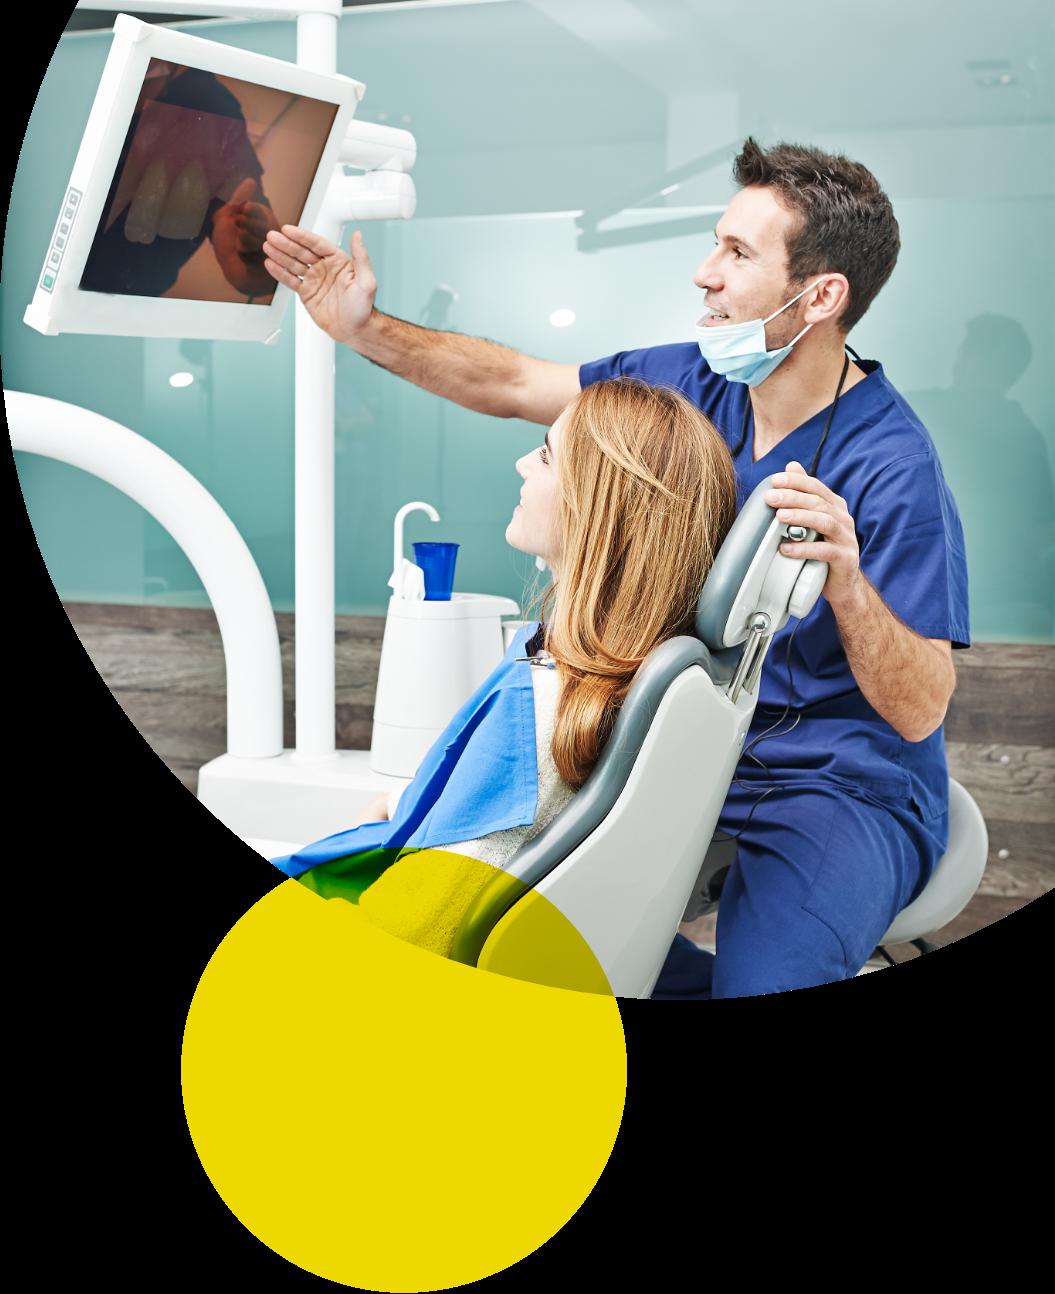 Plusieurs technologies de pointe la dentisterie